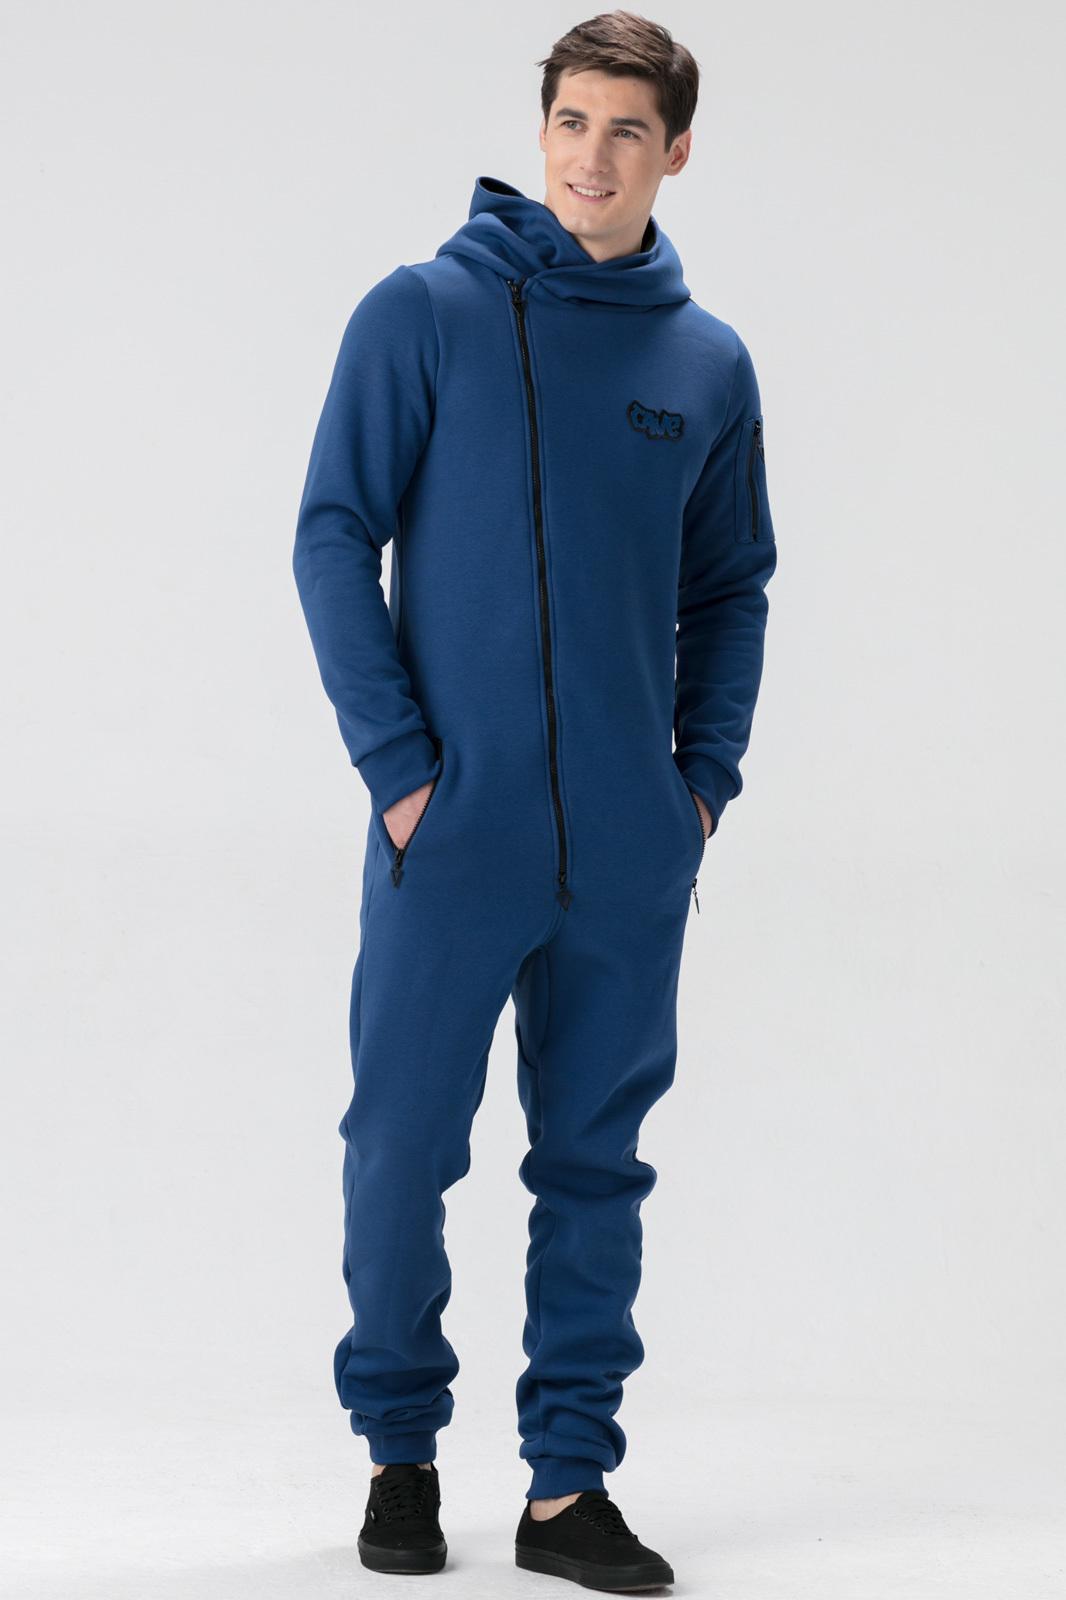 Купить Комбинезон индиго мужской из текстиля, МОСМЕХА, синий, 6600396